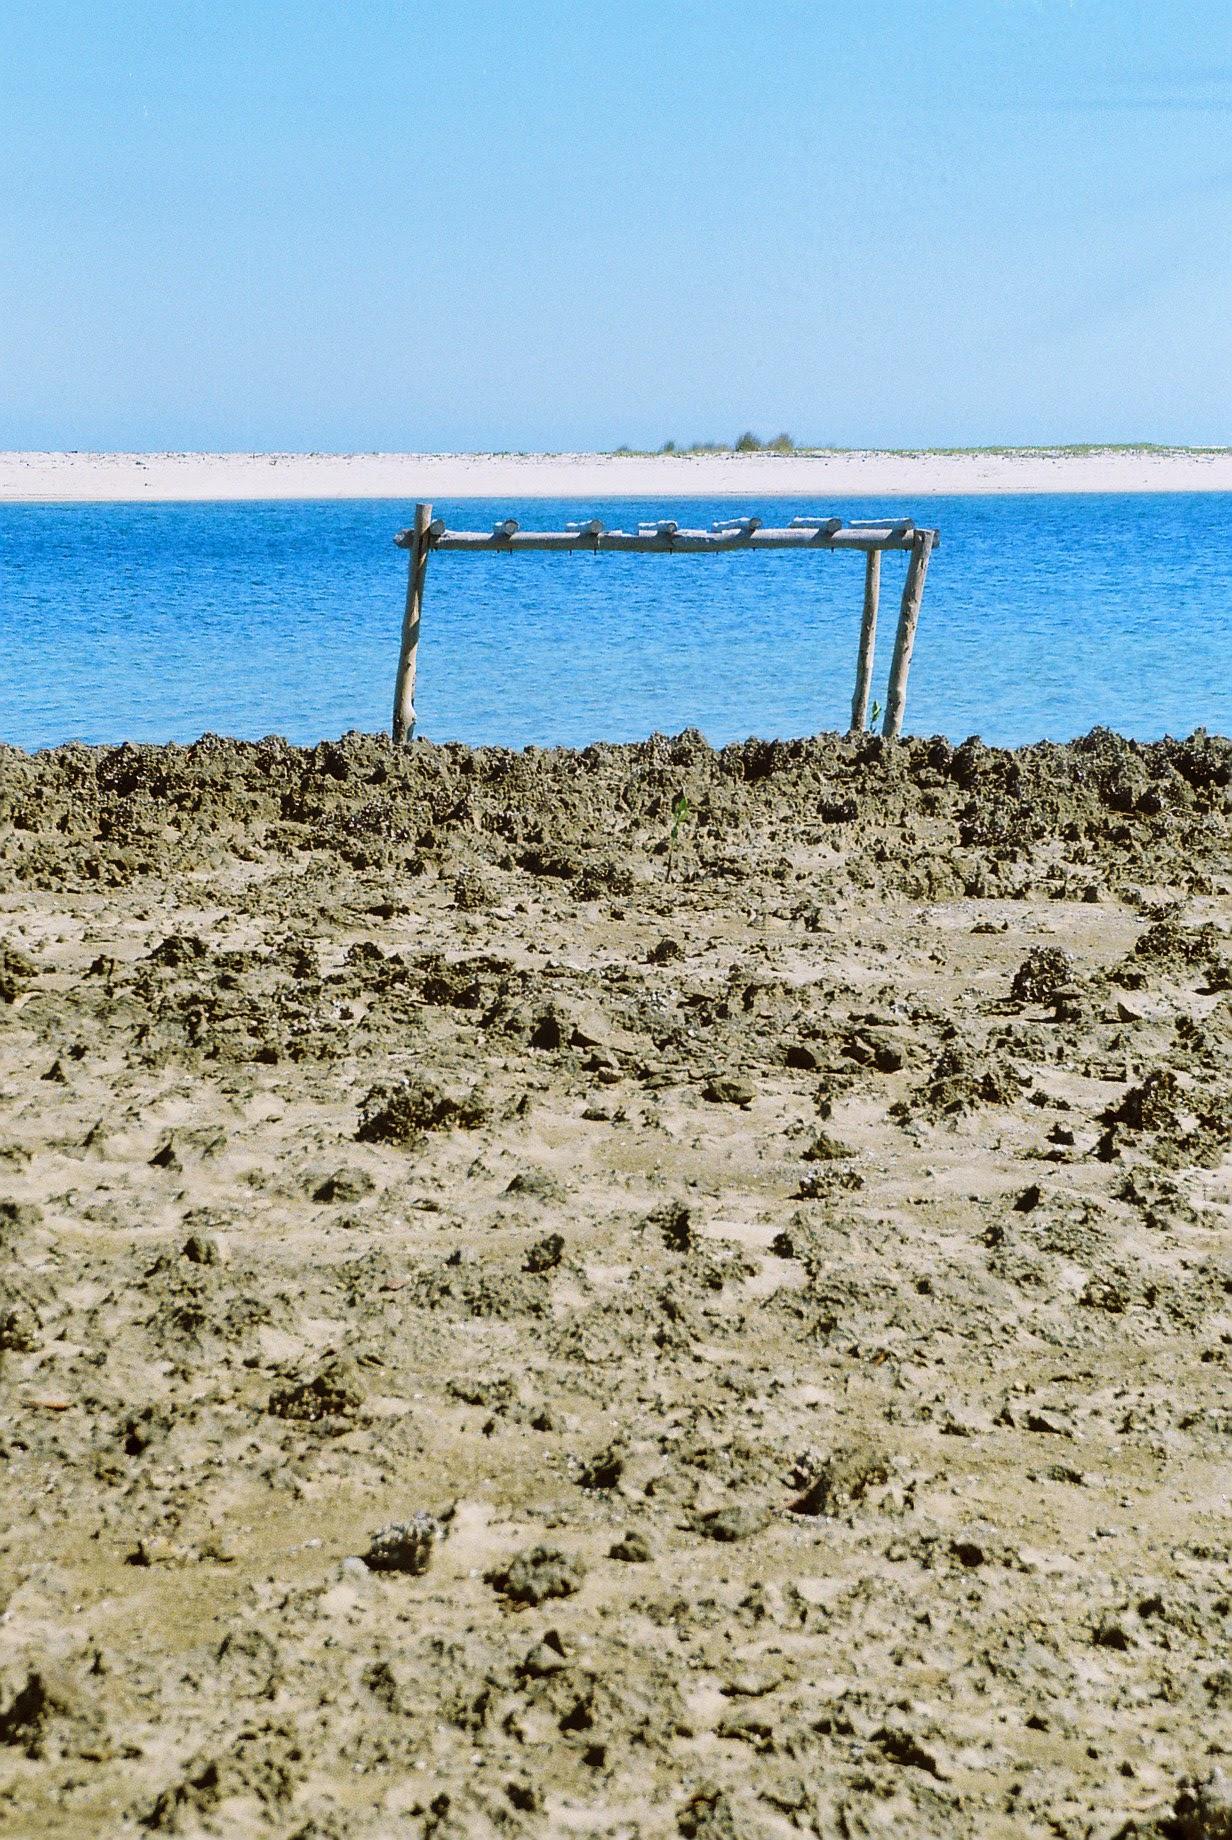 Image Bord De Mer file:bord de mer, belo sur tsiribina, madagascar